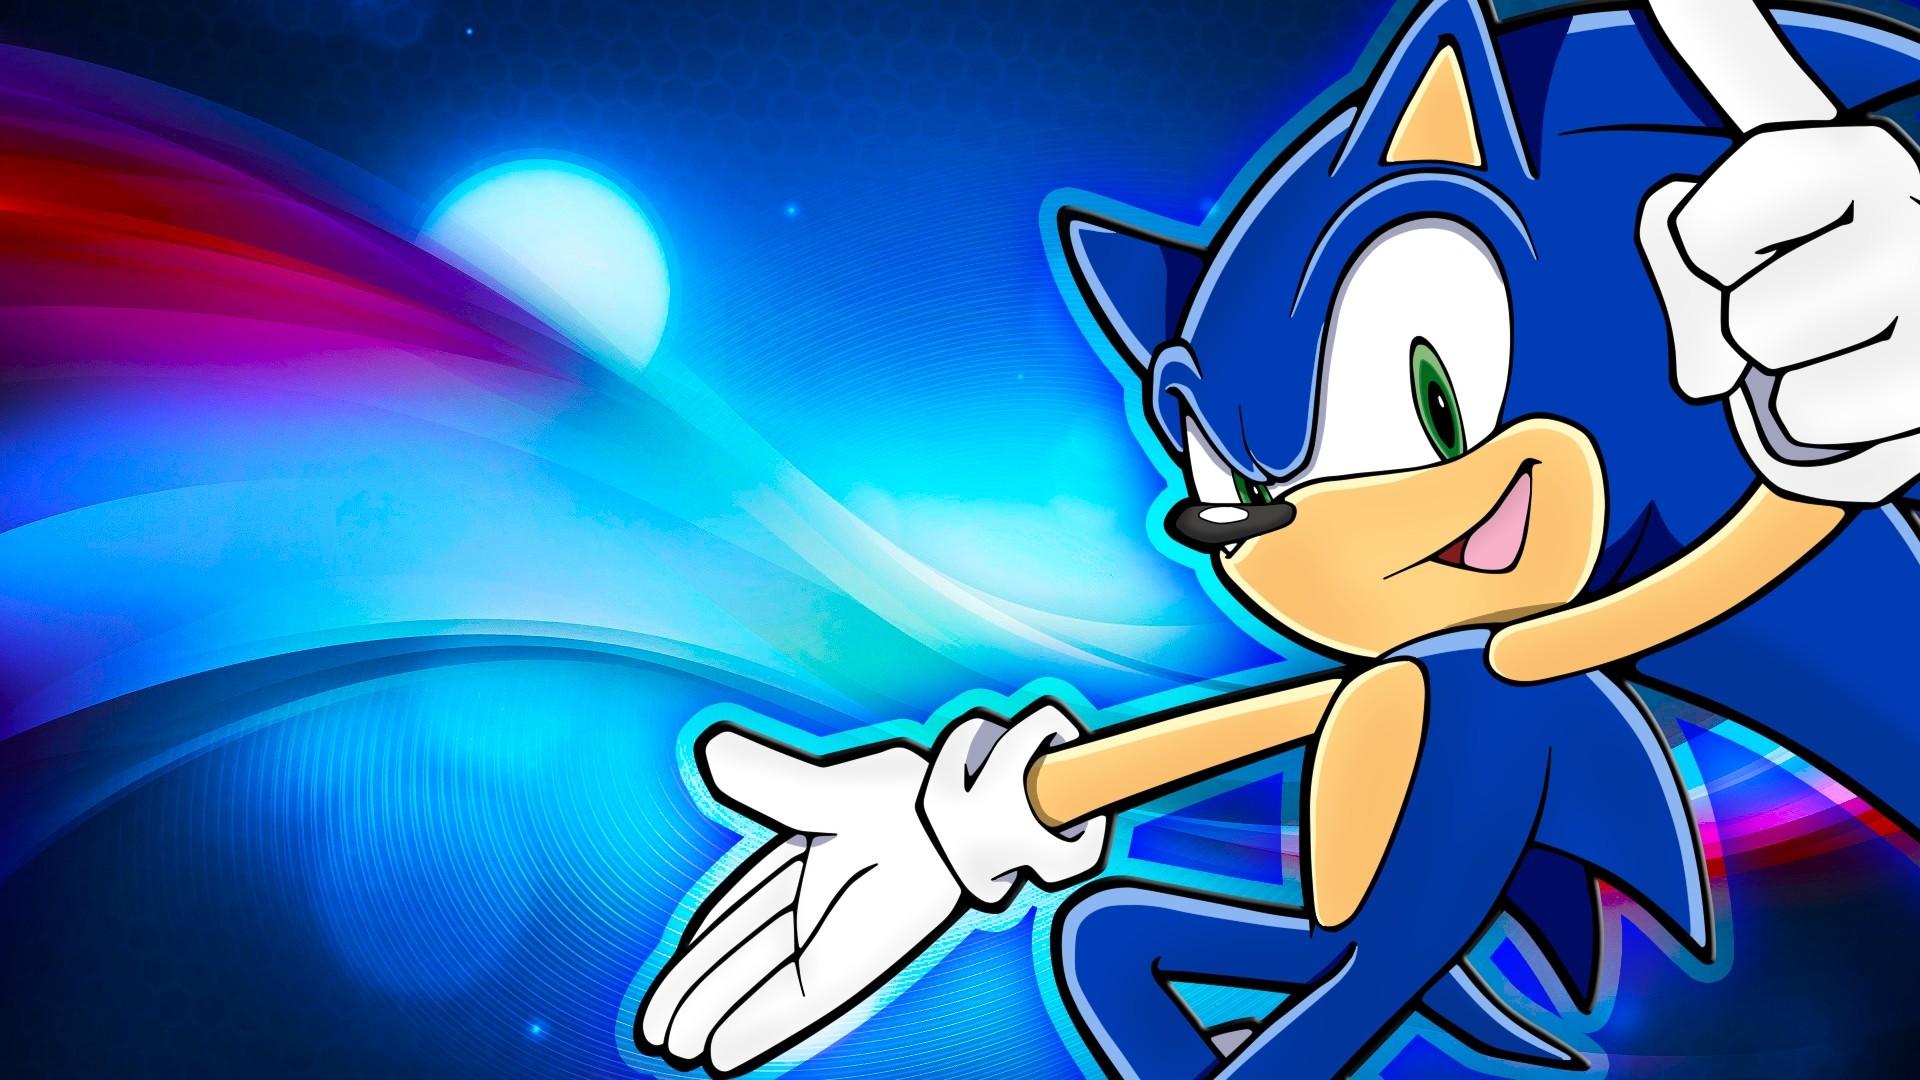 Sonic a wallpaper